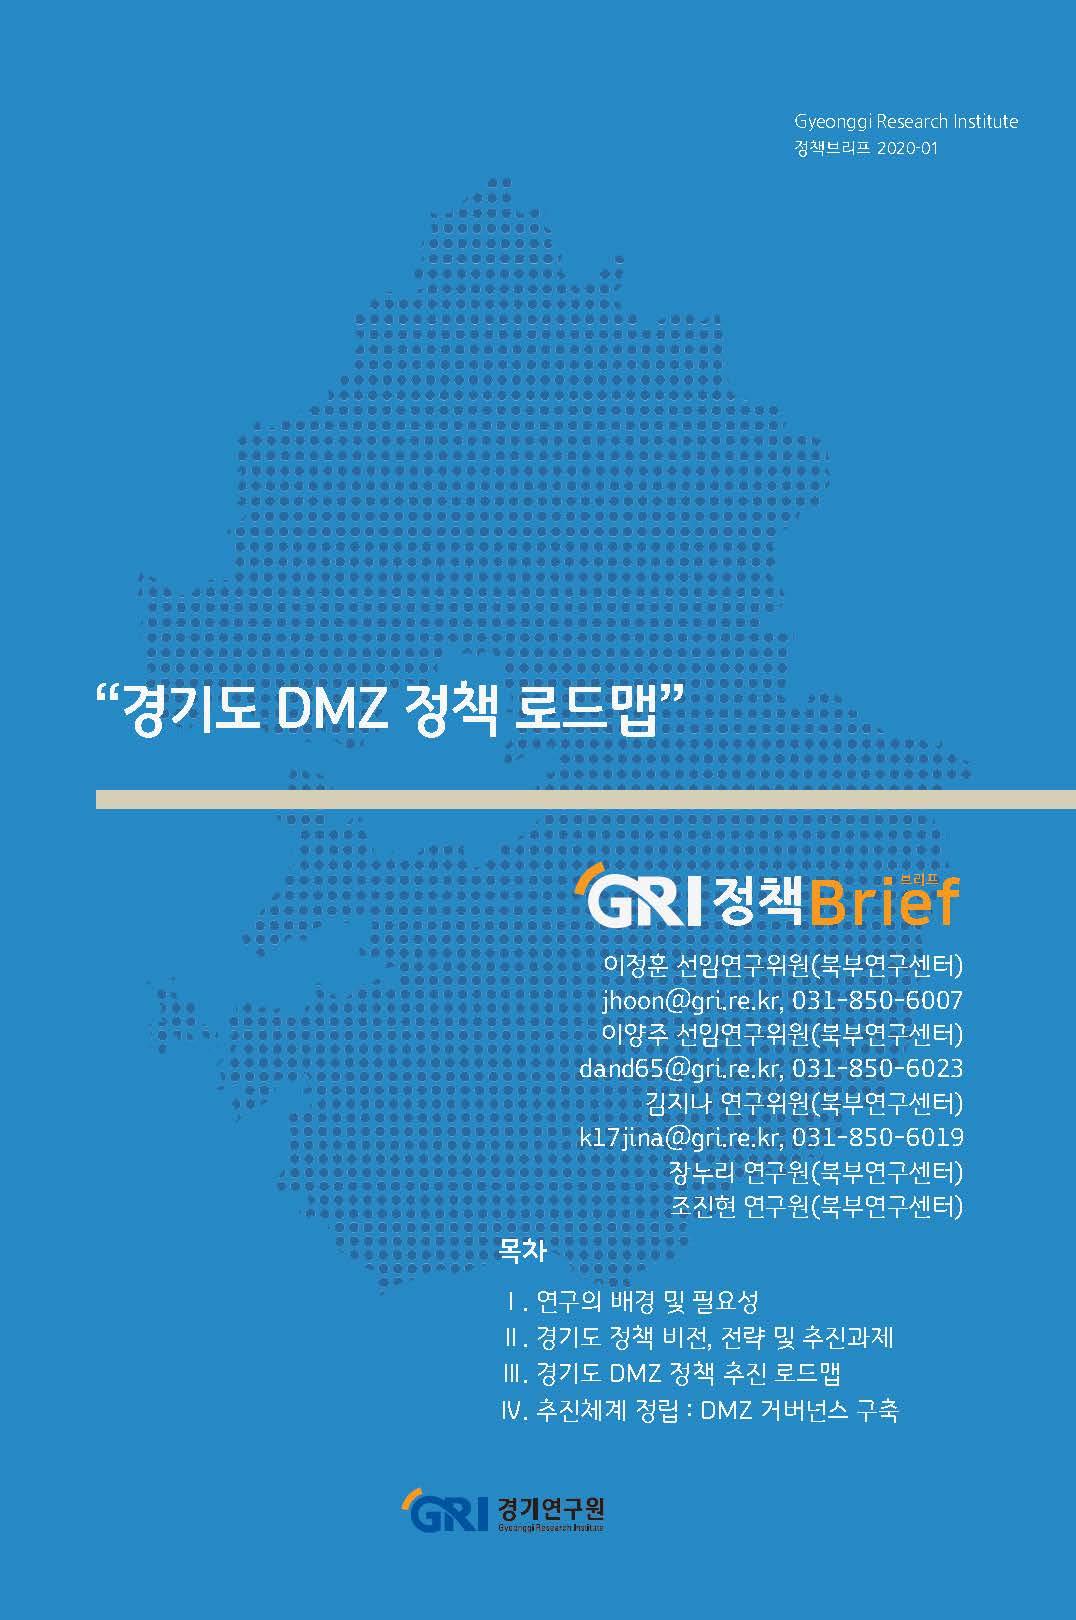 경기도 DMZ 정책 로드맵